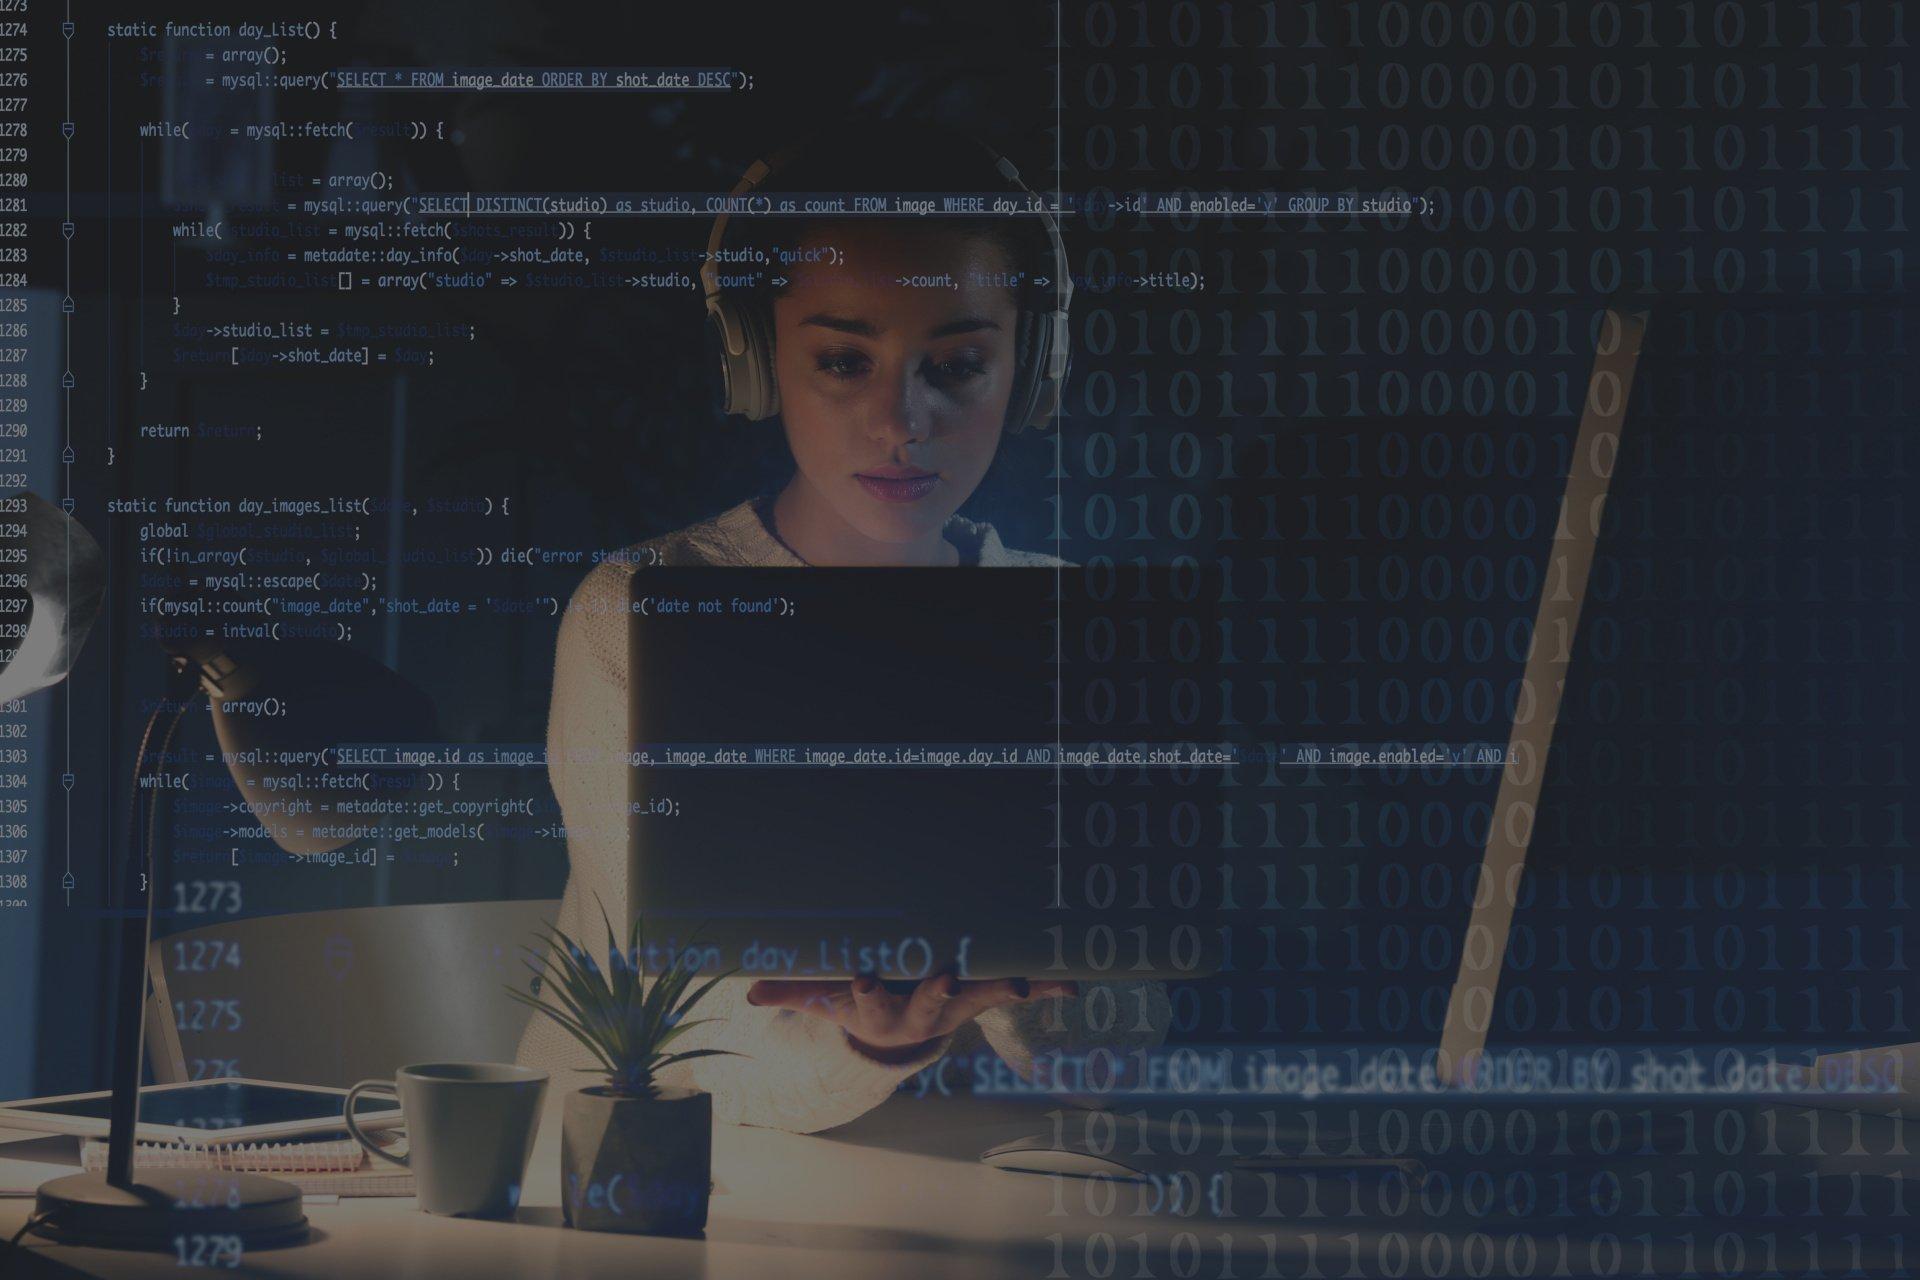 programowanie-zawod-przyszlosci